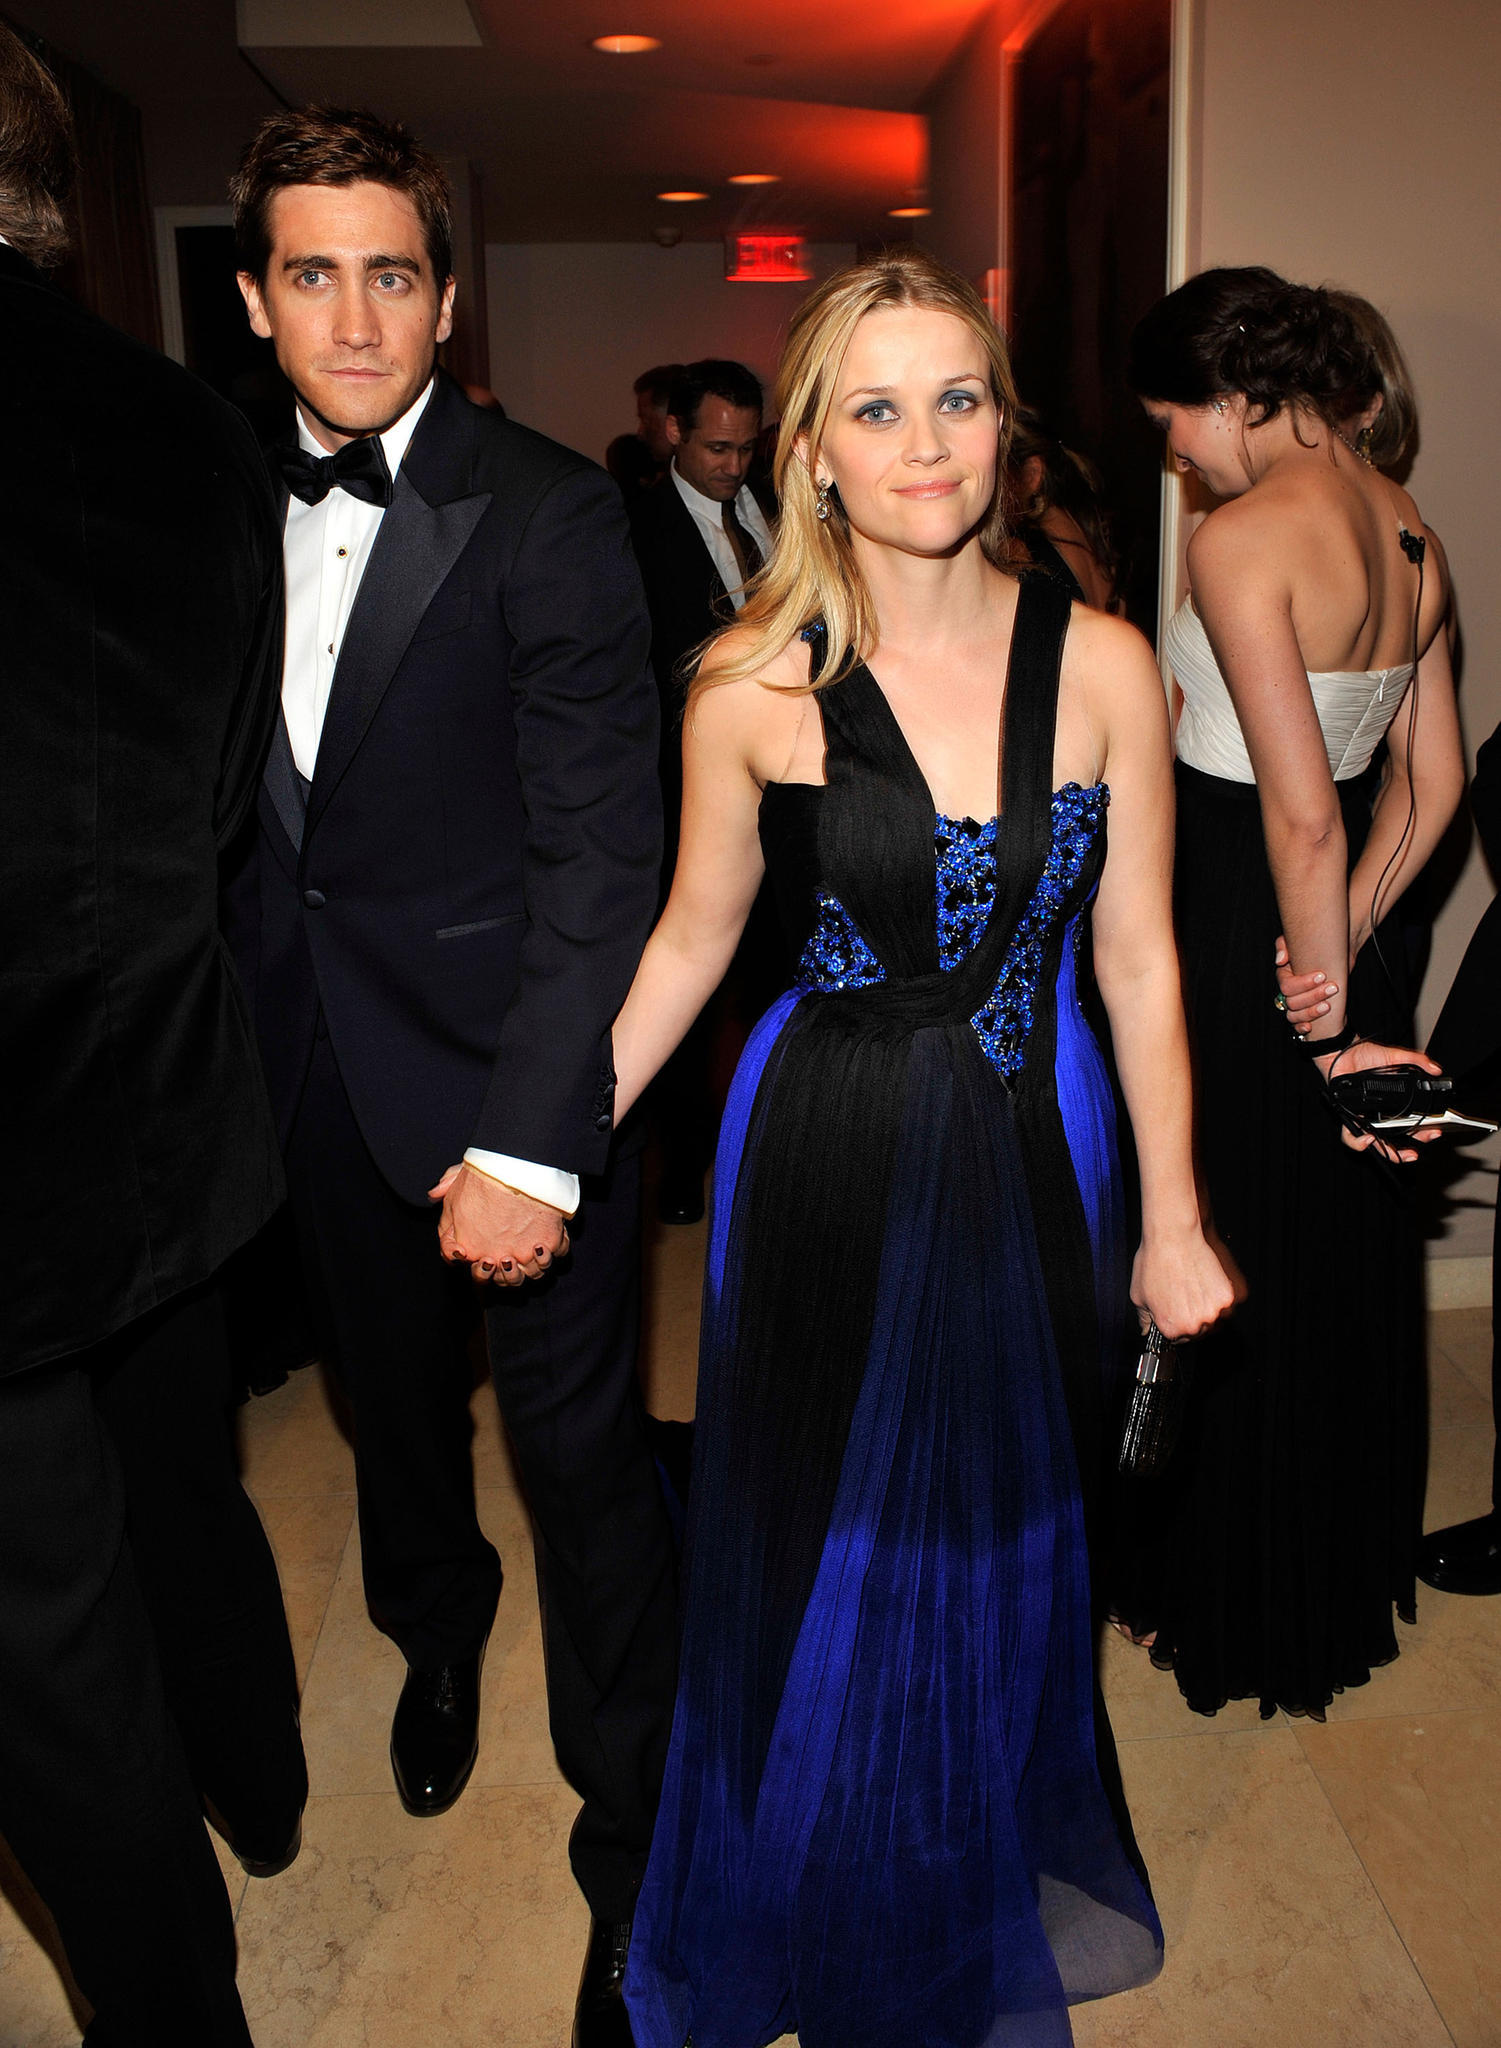 2007 funkte es bei Dreharbeiten, danach waren Jake Gyllenhaal und Reese Witherspoon zwei Jahre lang ein Paar.